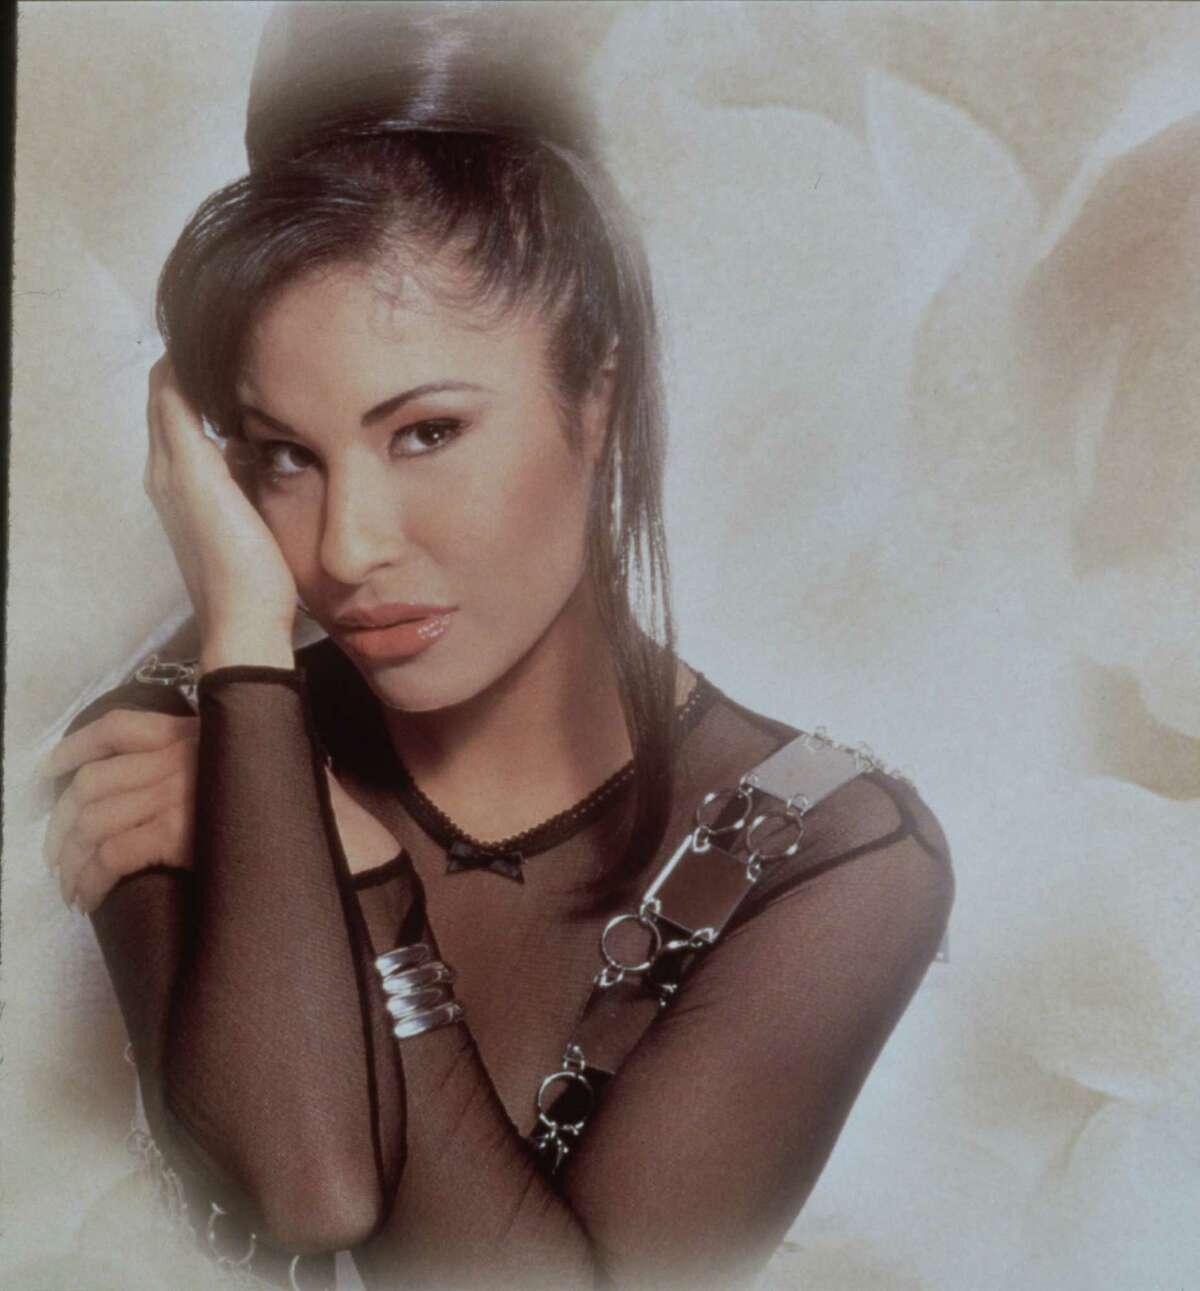 tejano singer Selena Quintanilla Perez. Selena. HOUCHRON CAPTION (06/04/04): TRIBUTO A UNA TEJANA: Univision tiene programado un homenaje especial en el decimo aniversario de la muerte de Selena, la estrella tejana, organizado pur su familia y que promete reunir a varios artistas del pop.